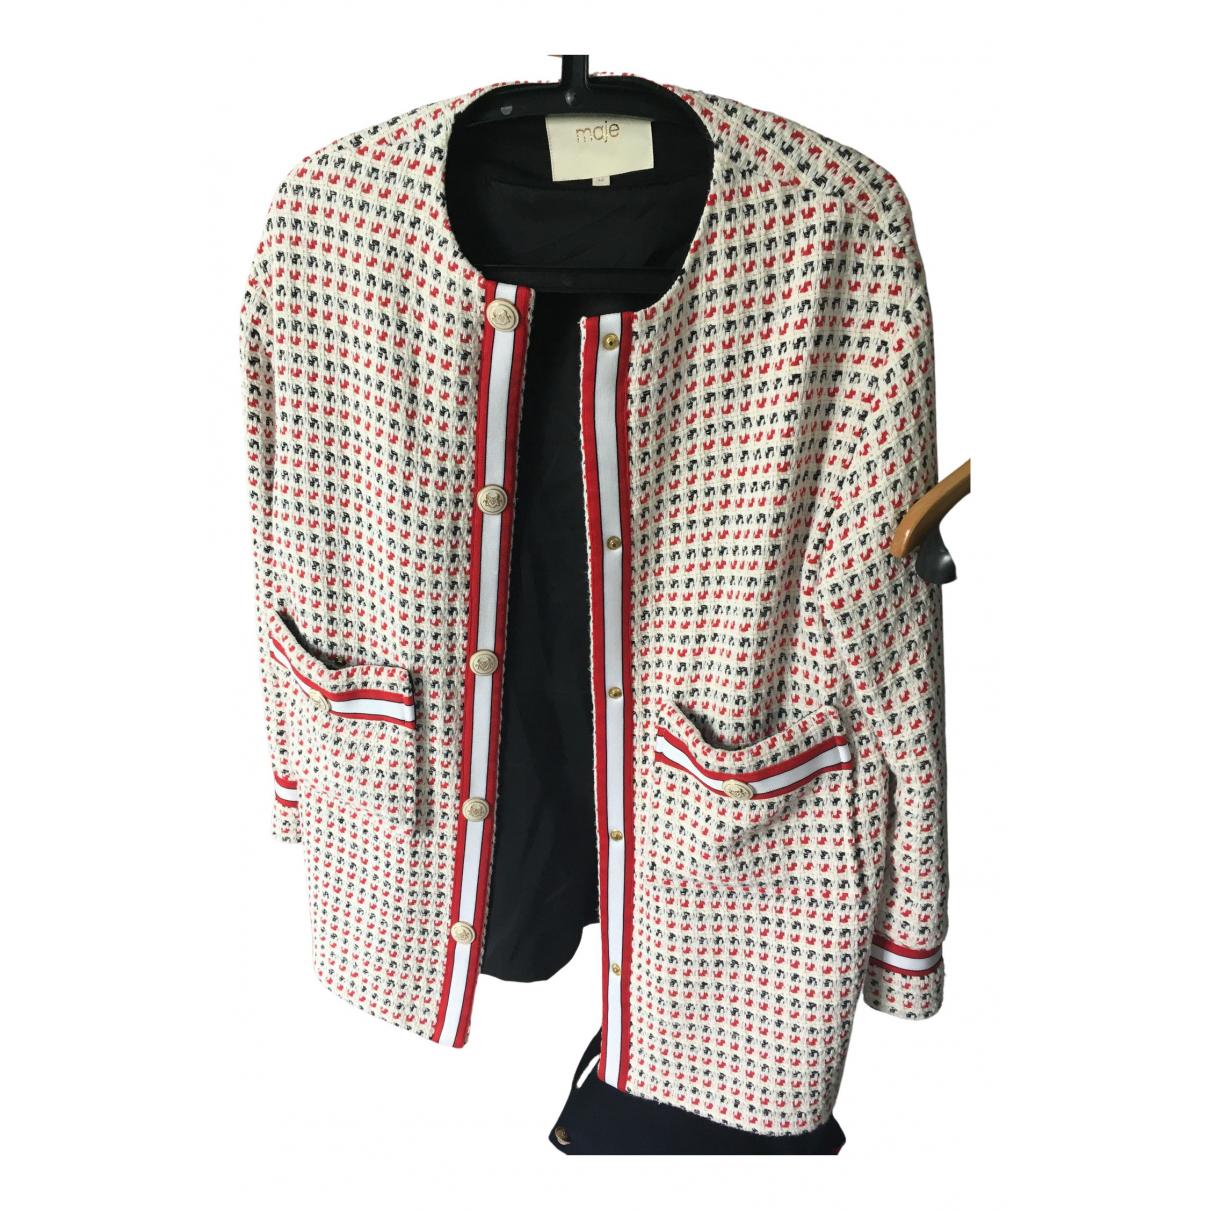 Maje - Manteau Spring Summer 2020 pour femme en coton - blanc